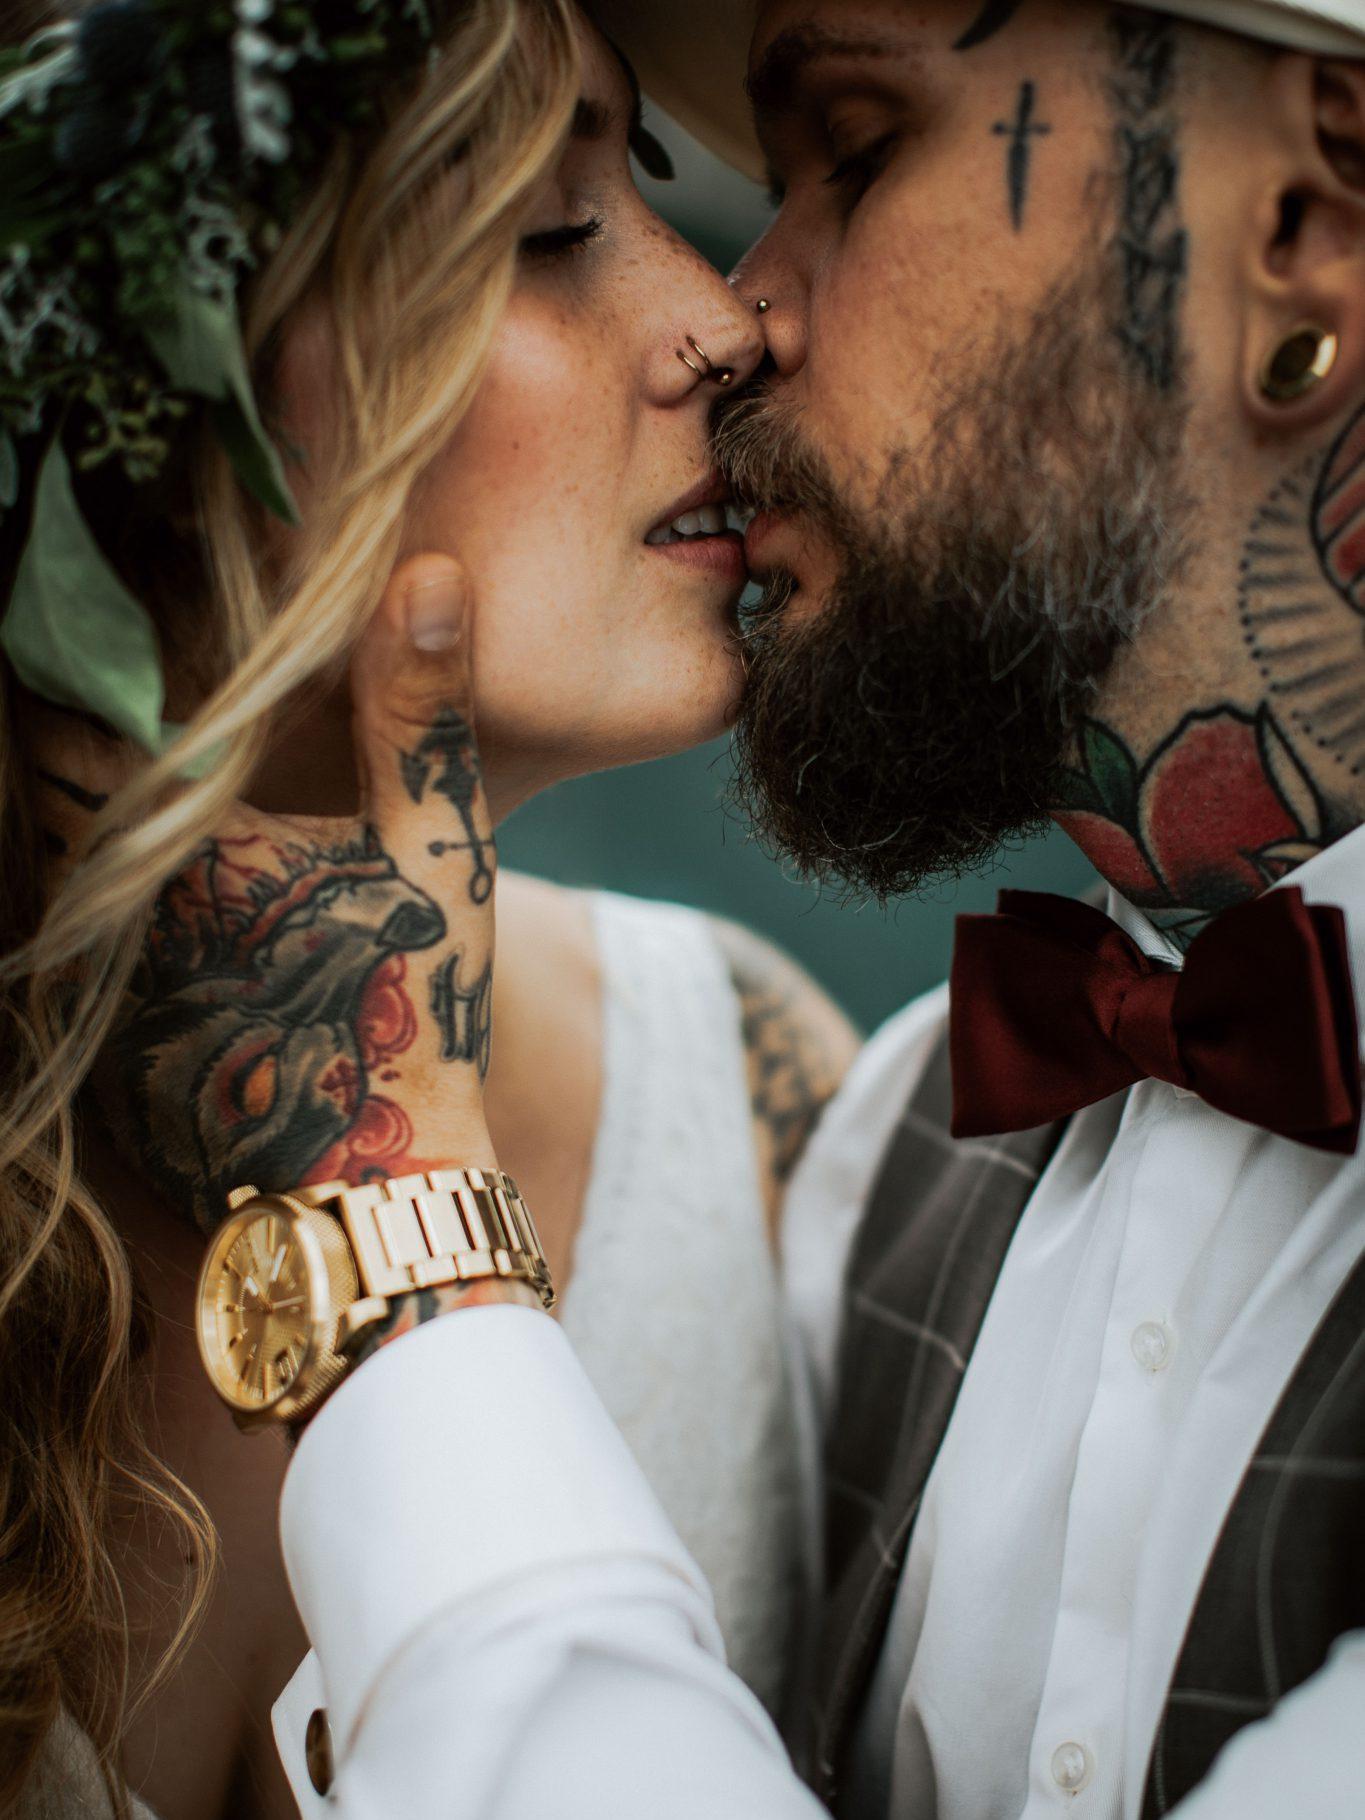 Tätowiertes Brautpaar küsst sich zärtlich